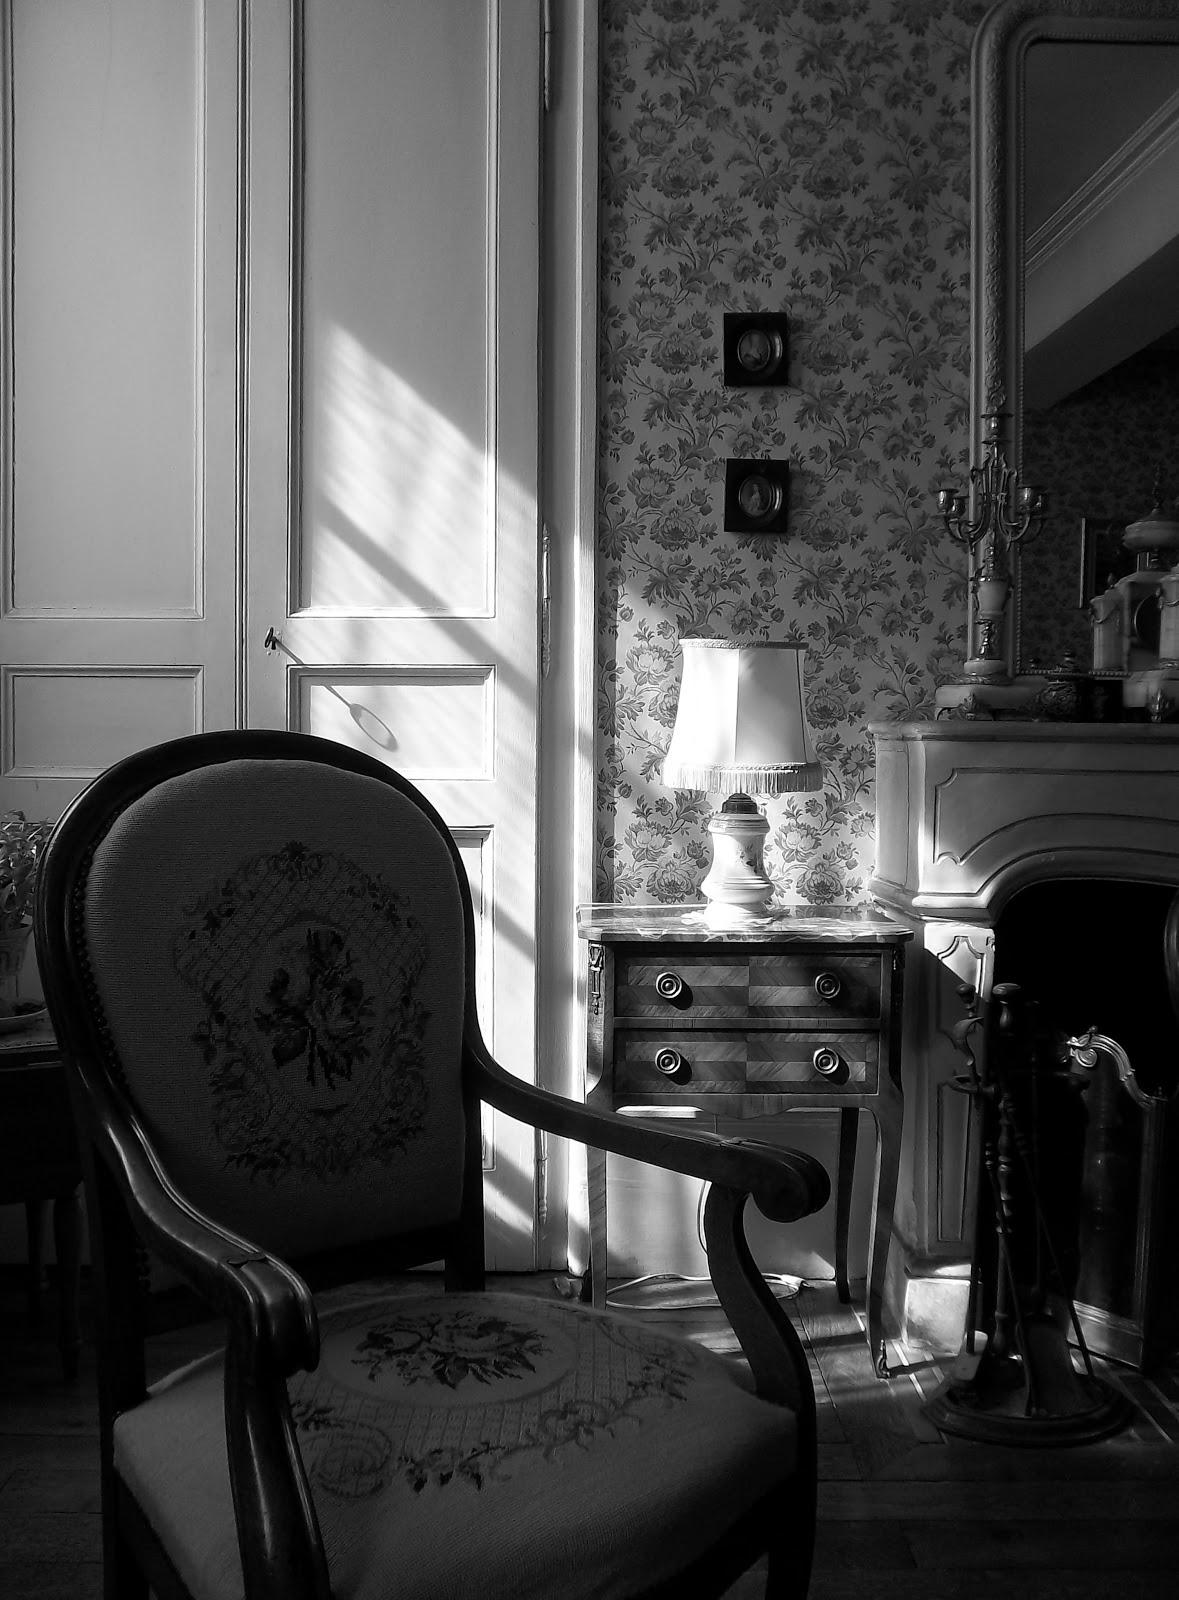 sc ne d 39 int rieur le salon. Black Bedroom Furniture Sets. Home Design Ideas